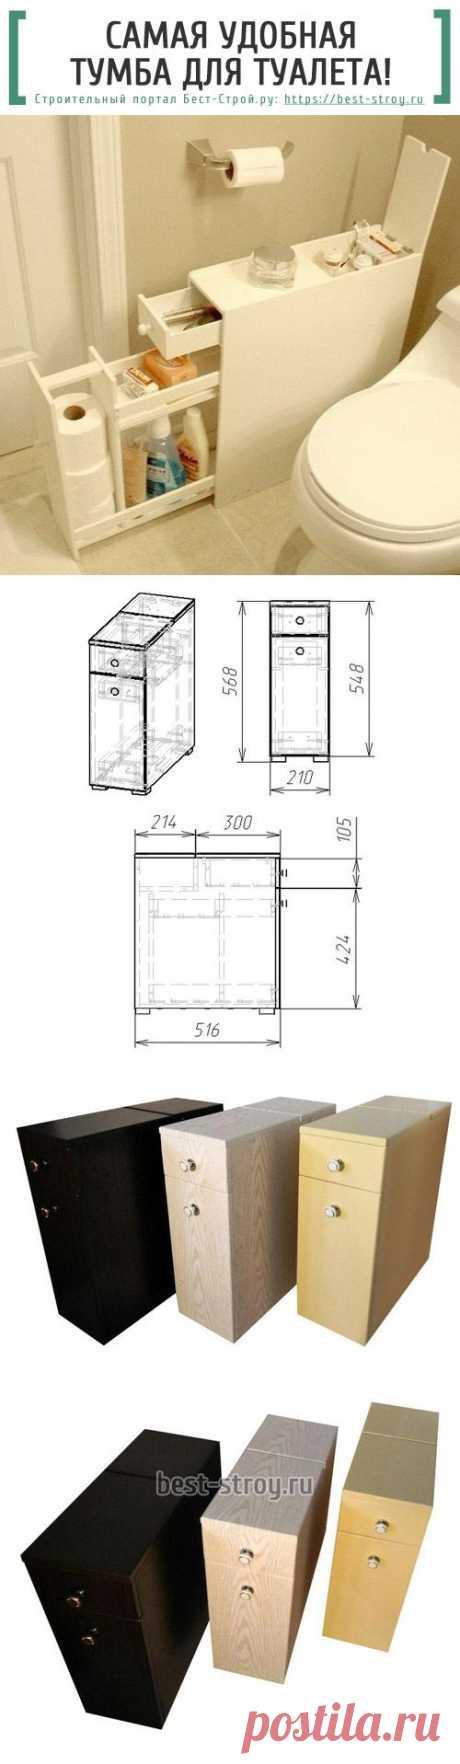 Это самая удобная тумбочка для туалета и ванной комнаты. Тумба с выдвижными ящиками поможет хранить в порядке туалетные принадлежности.